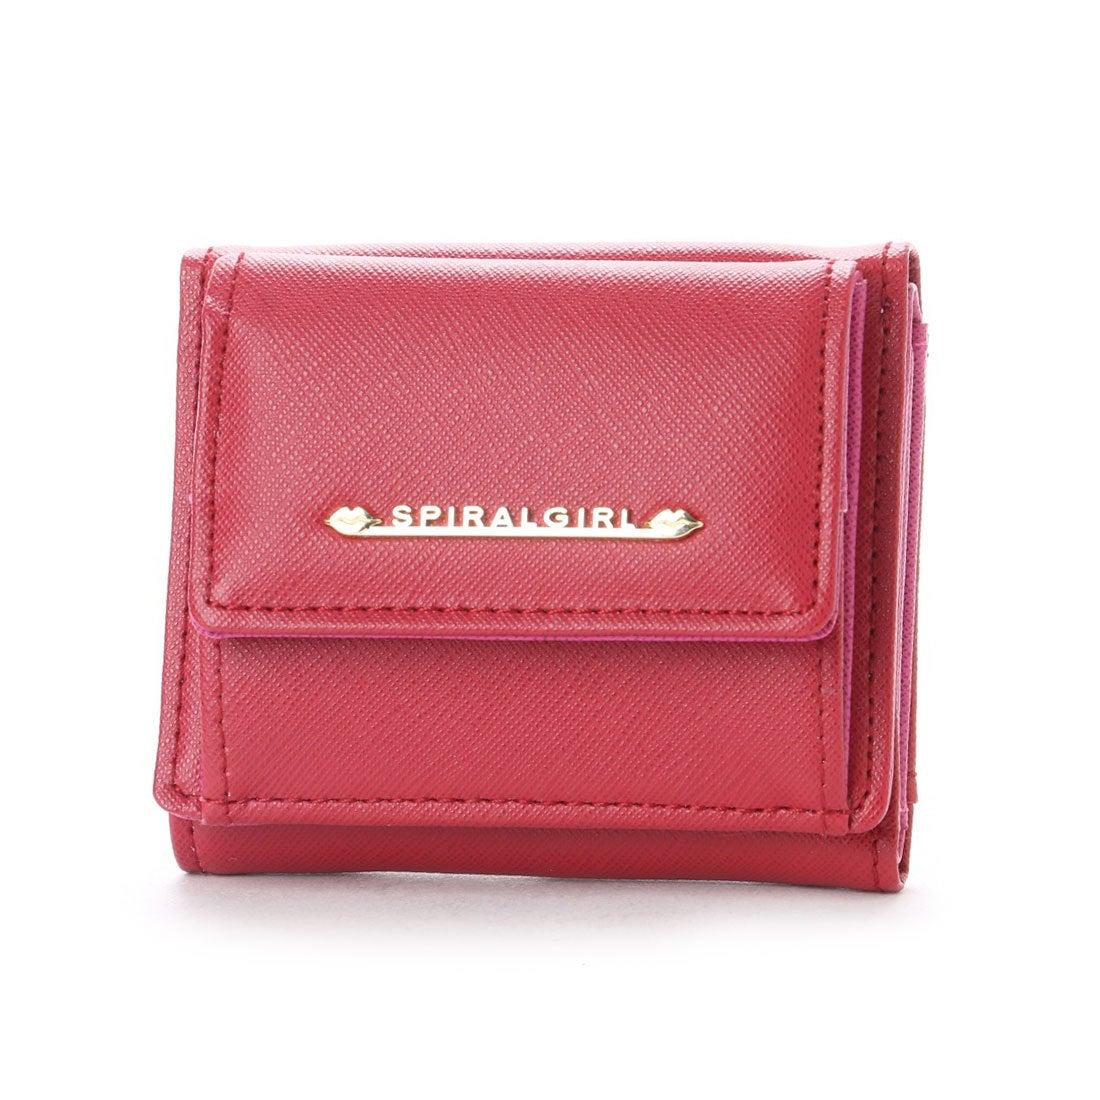 06e73381a4d0 スパイラルガール SPIRAL GIRL シンプルライン3つ折り財布 (レッド) -レディースファッション通販 ロコンドガールズコレクション  (LOCONDO GIRL'S COLLECTION)